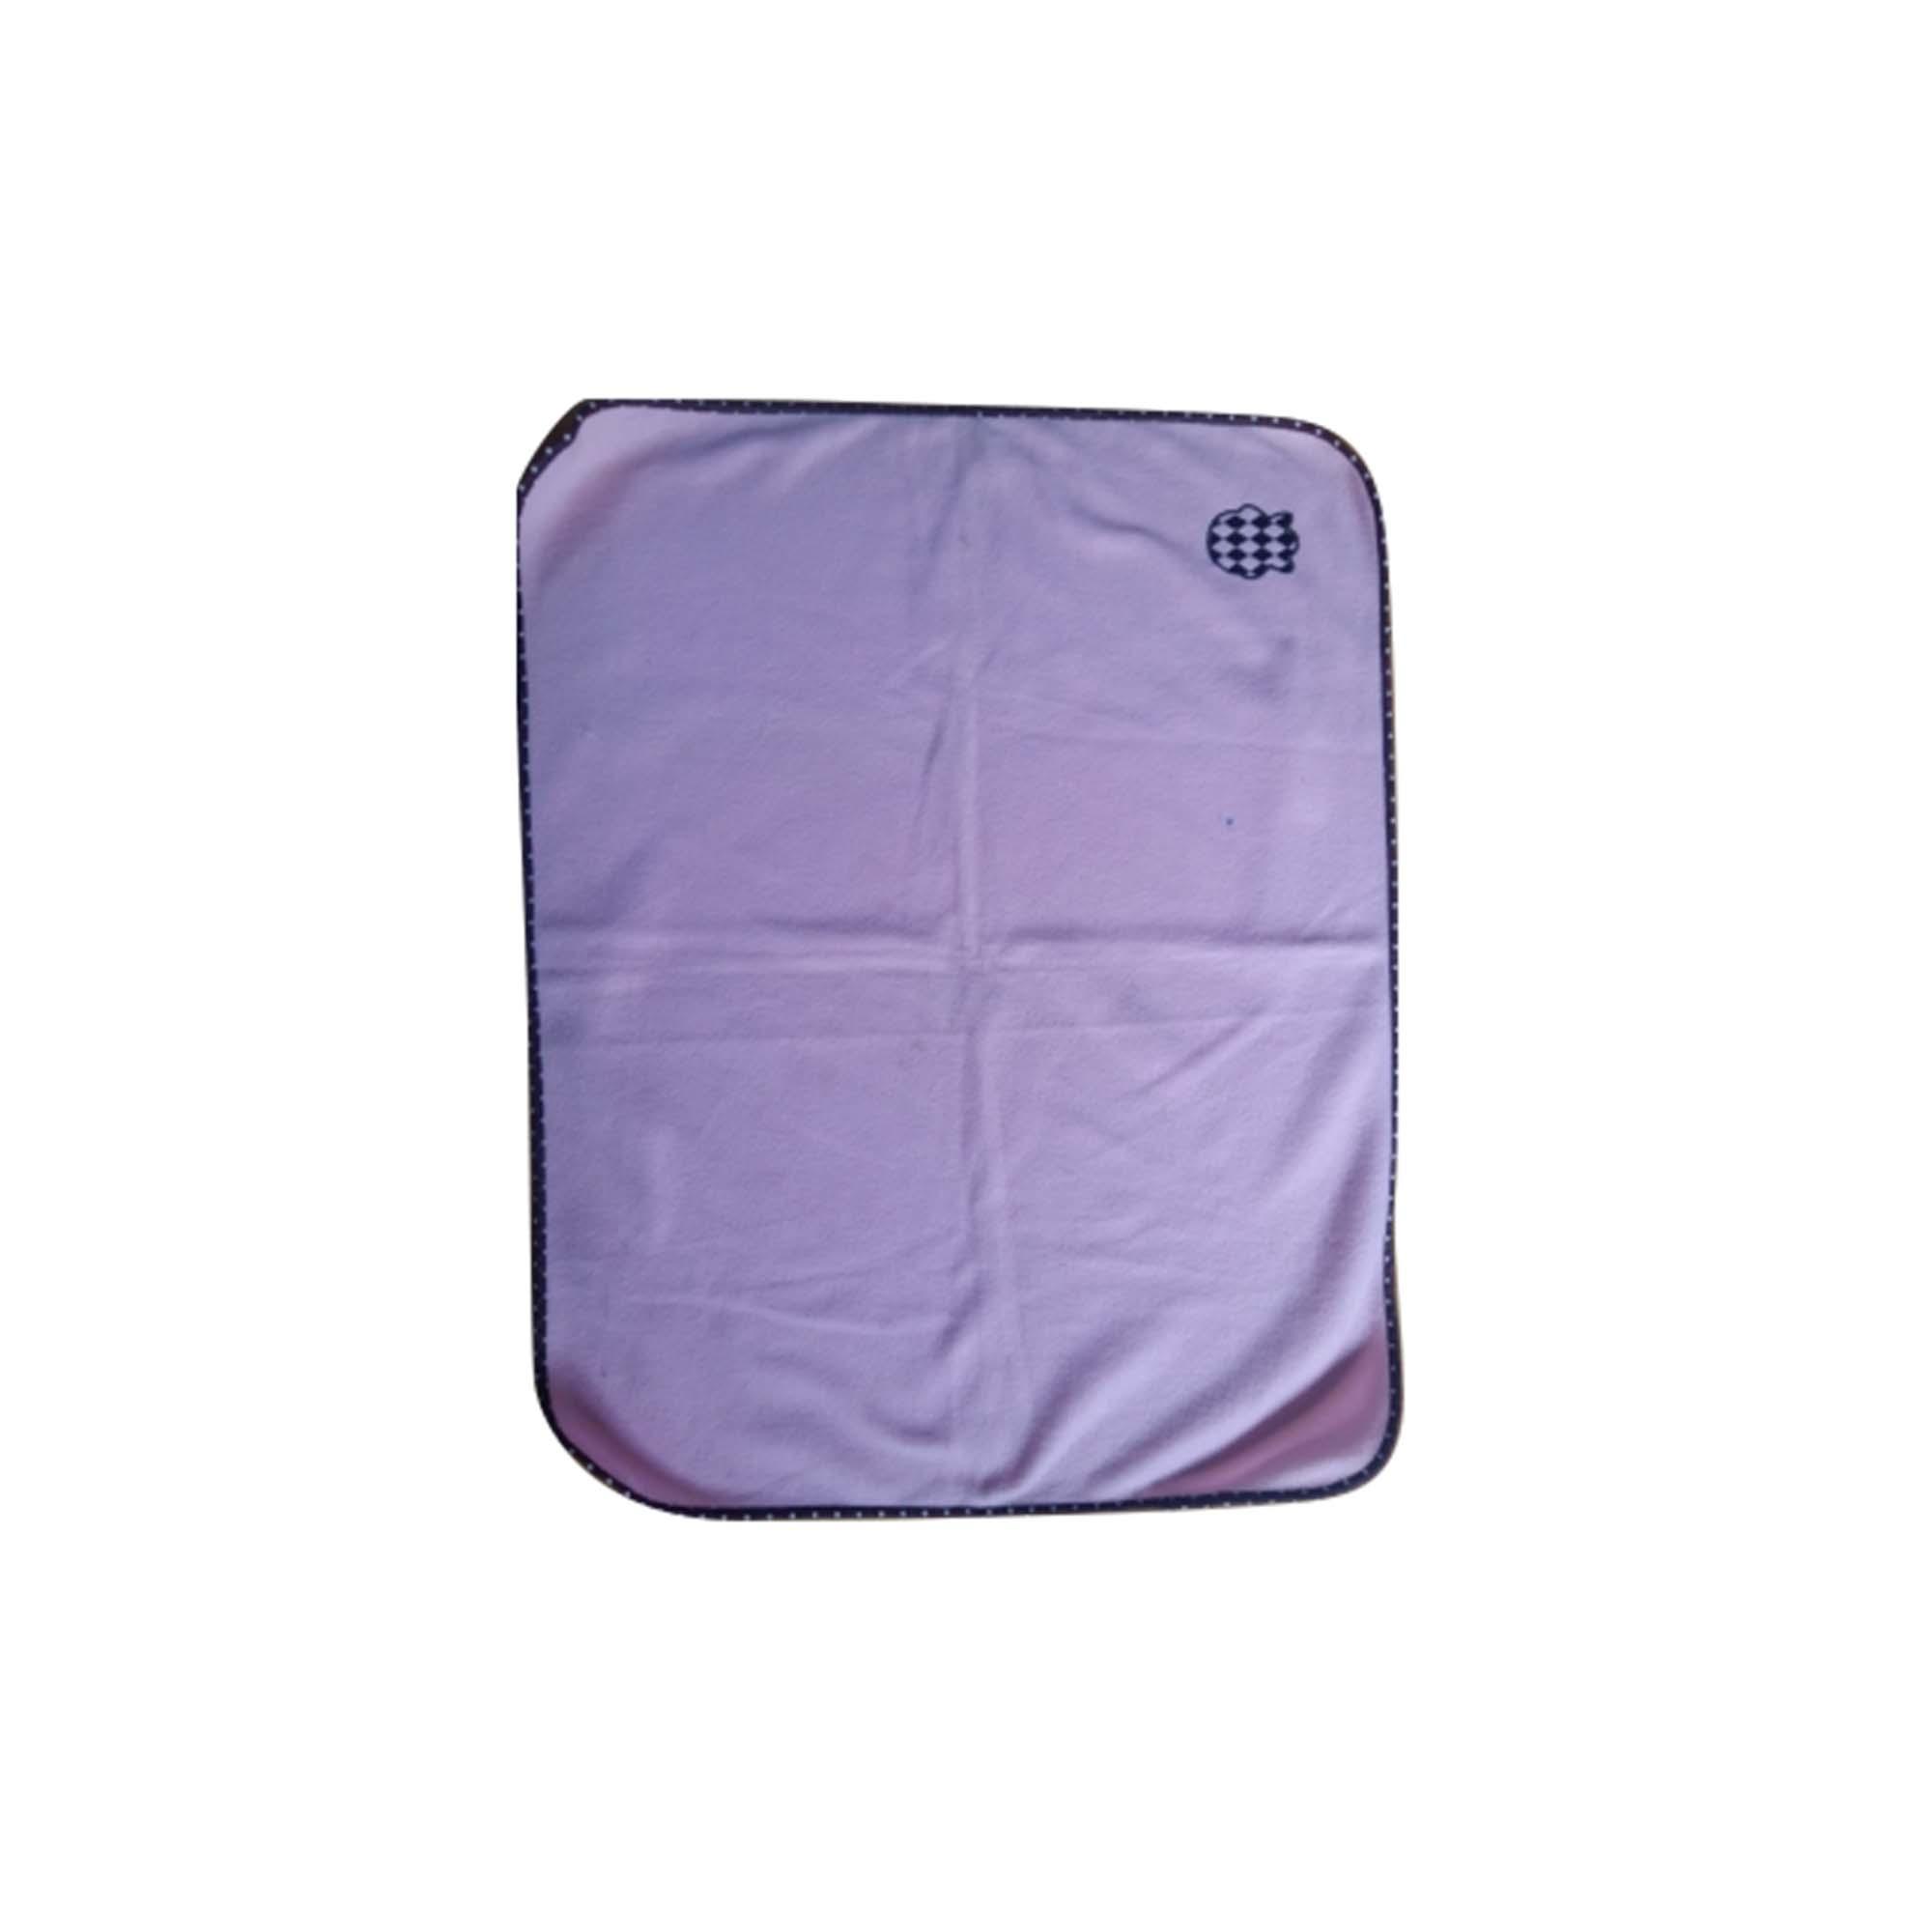 01/HH Japan blanket